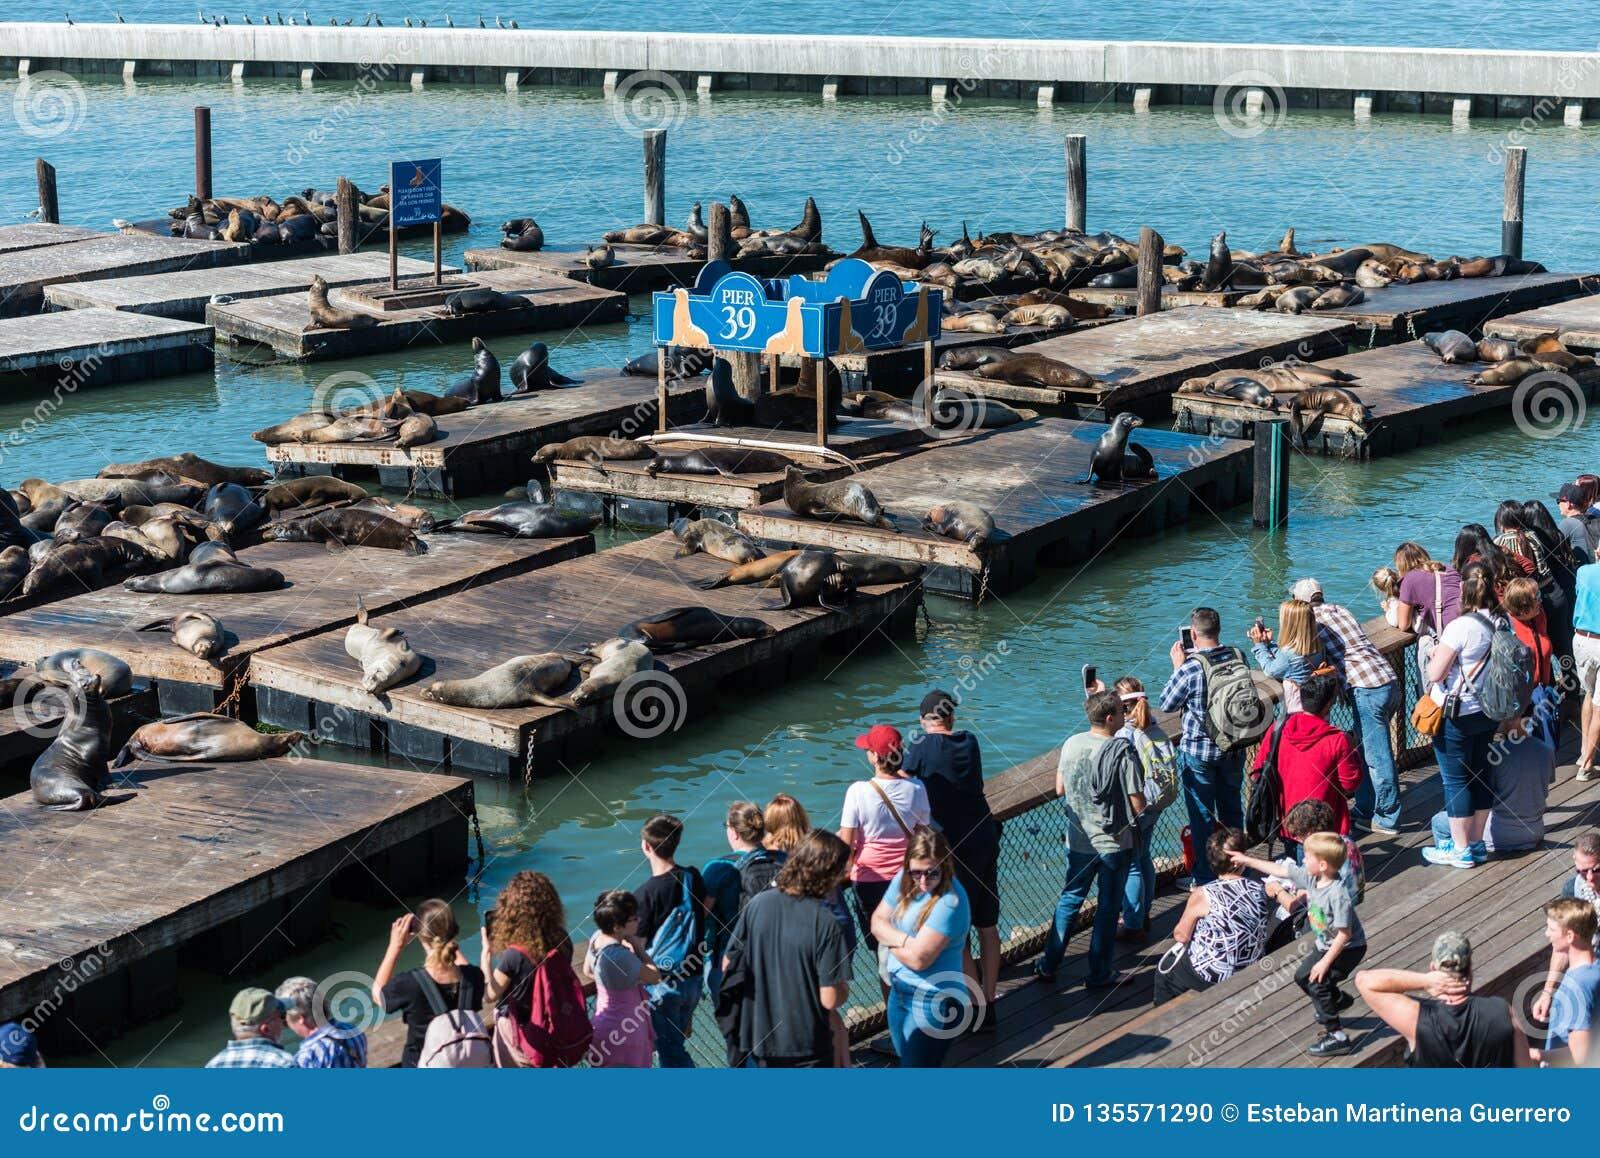 Mensen die op de zeeleeuwen letten bij Pijler 39 in San Francisco, Californië, de V.S.